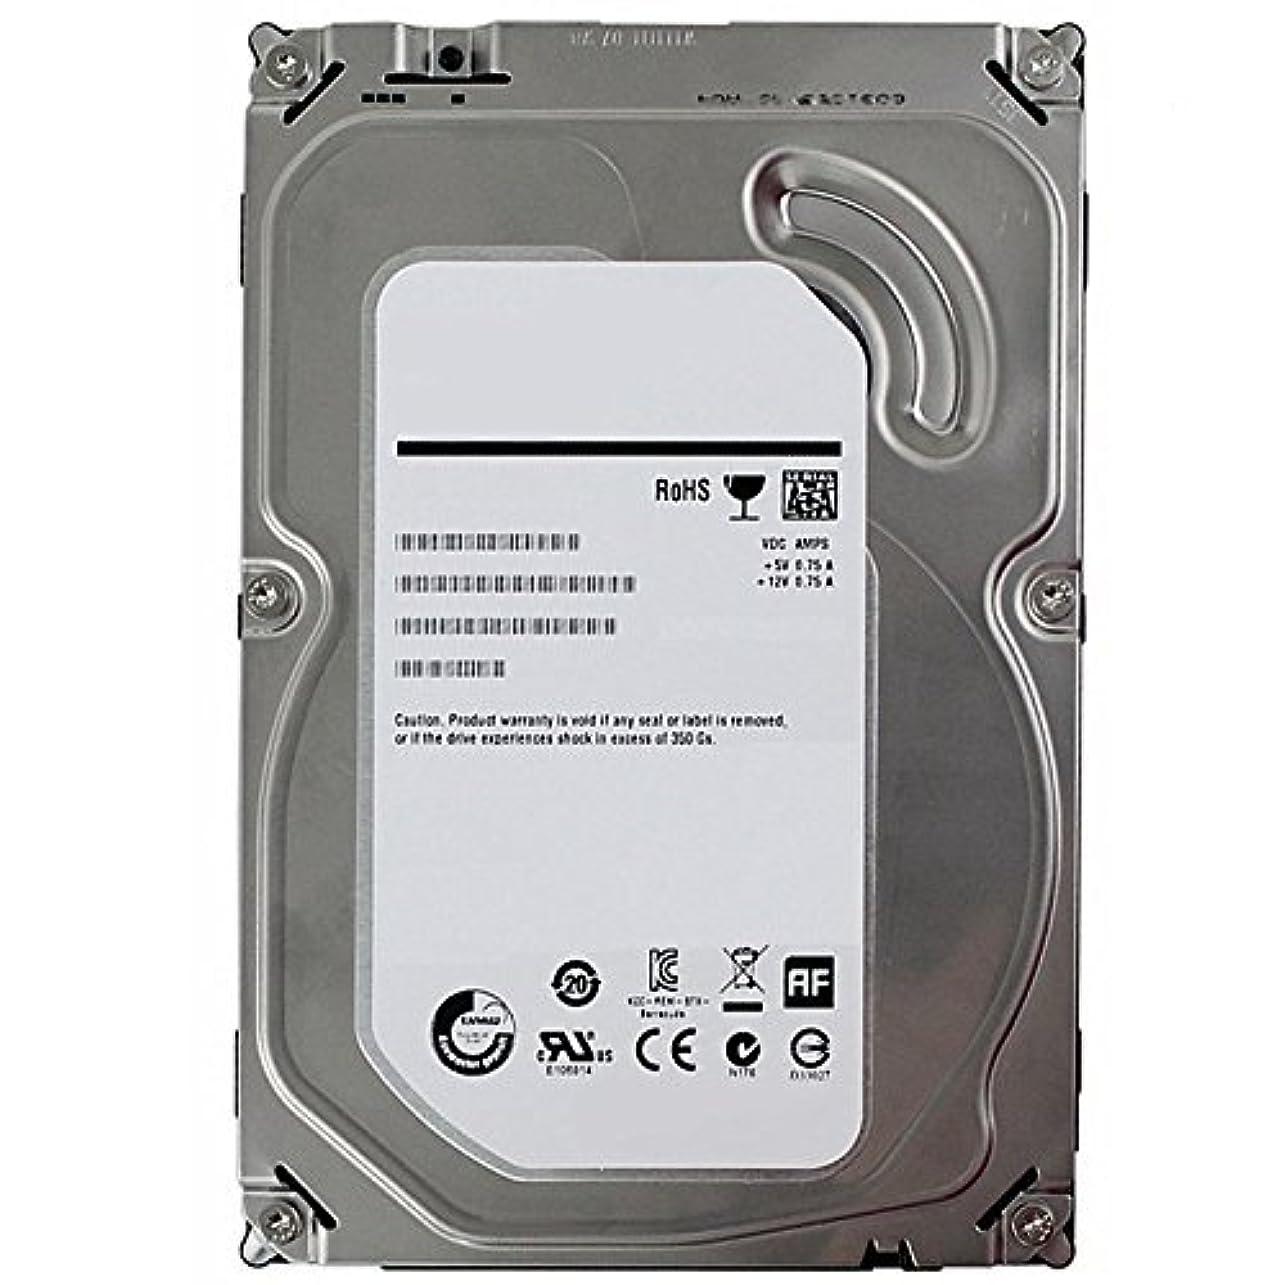 設計図豊かにするオゾン40K6889 IBM 250 GB 7.2KRPM SATA II ホットスワップ フォームファクター 3.5インチ (更新)